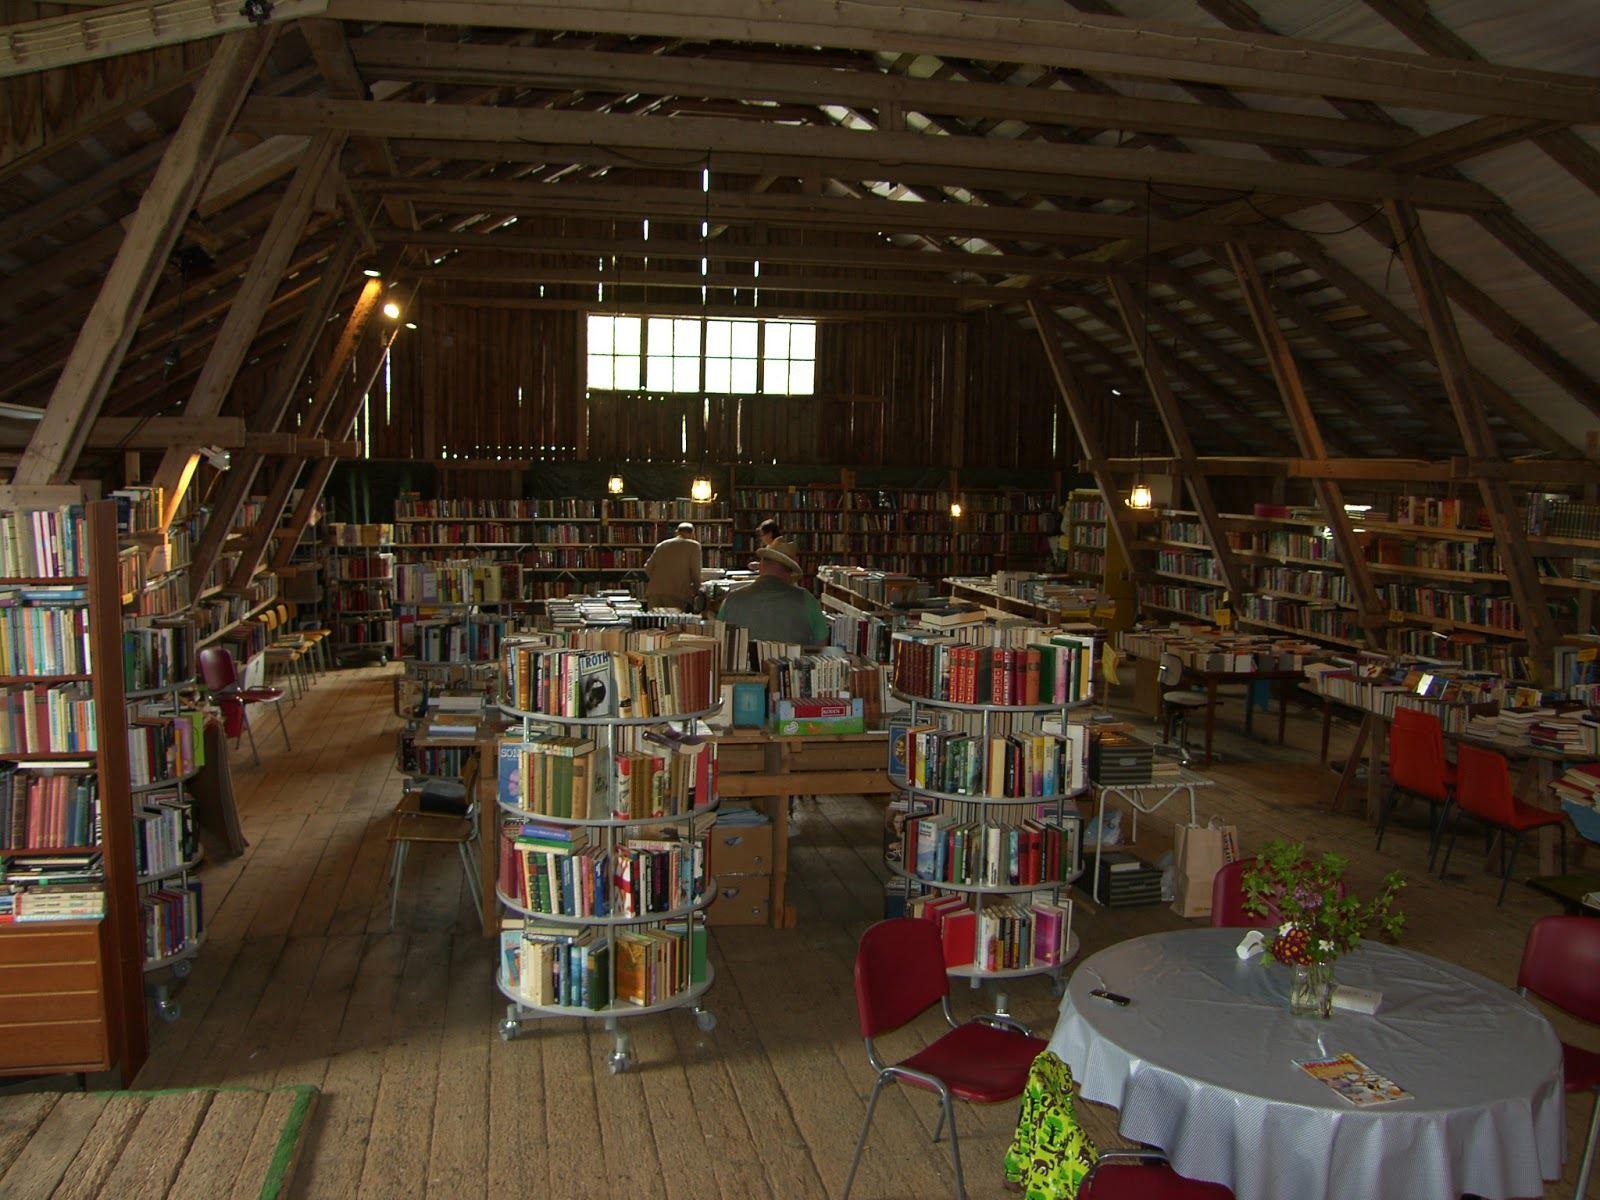 Putula library